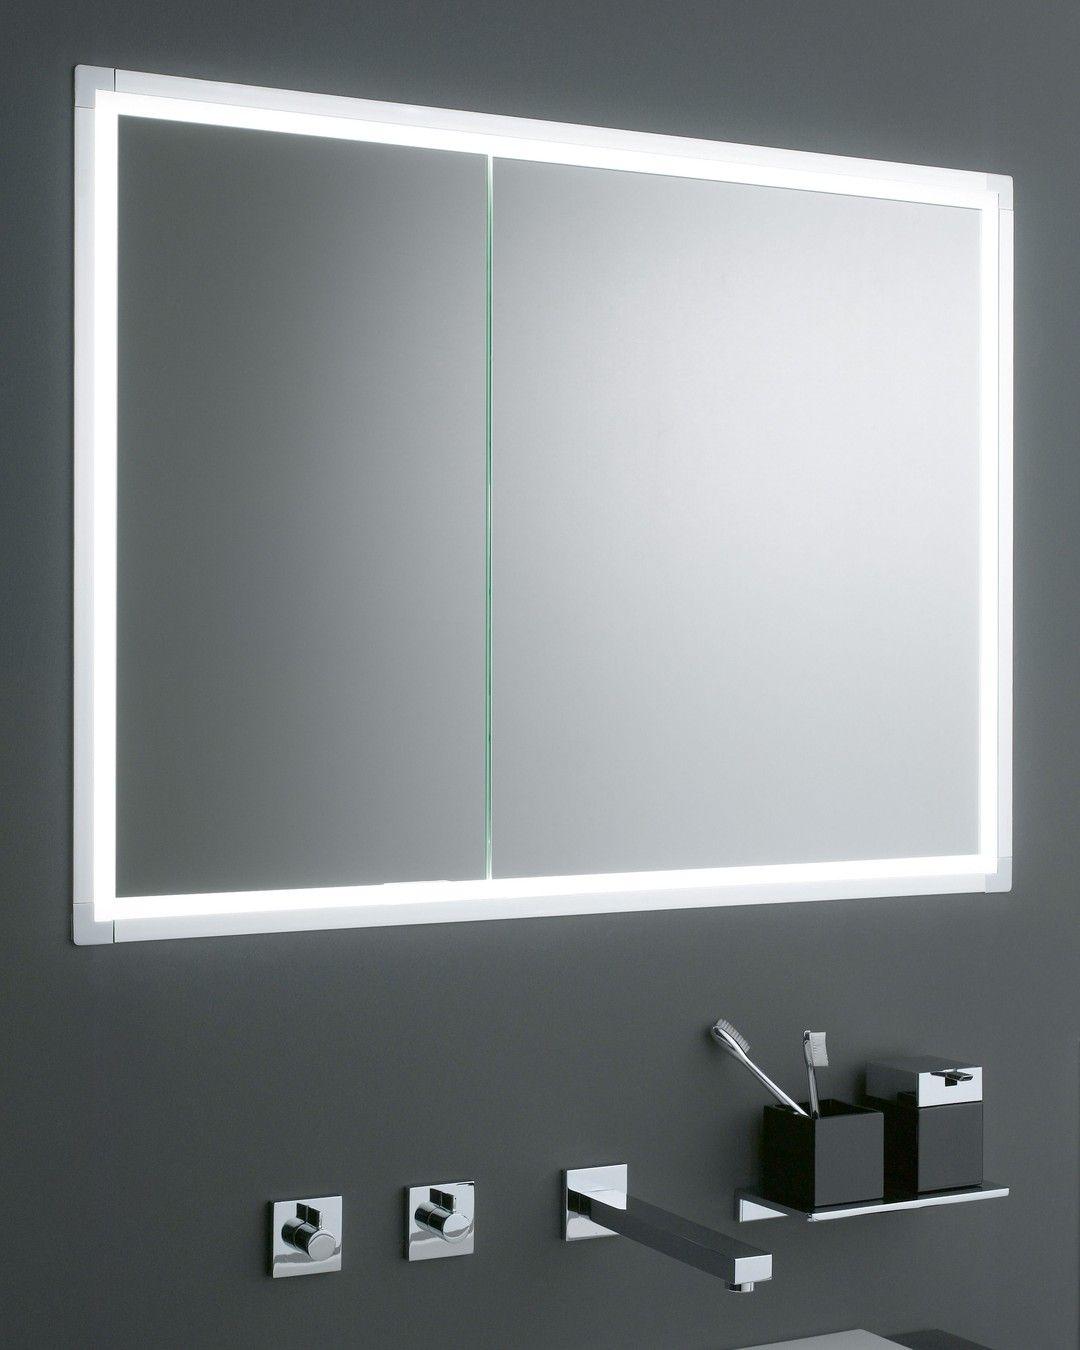 Shkbadshop Posted To Instagram Der Lichtspiegel Mit Stauraum Emco Asis Prestige Spiegelschrank Spiegelschrank Alibert Spiegelschrank Einbau Spiegelschrank